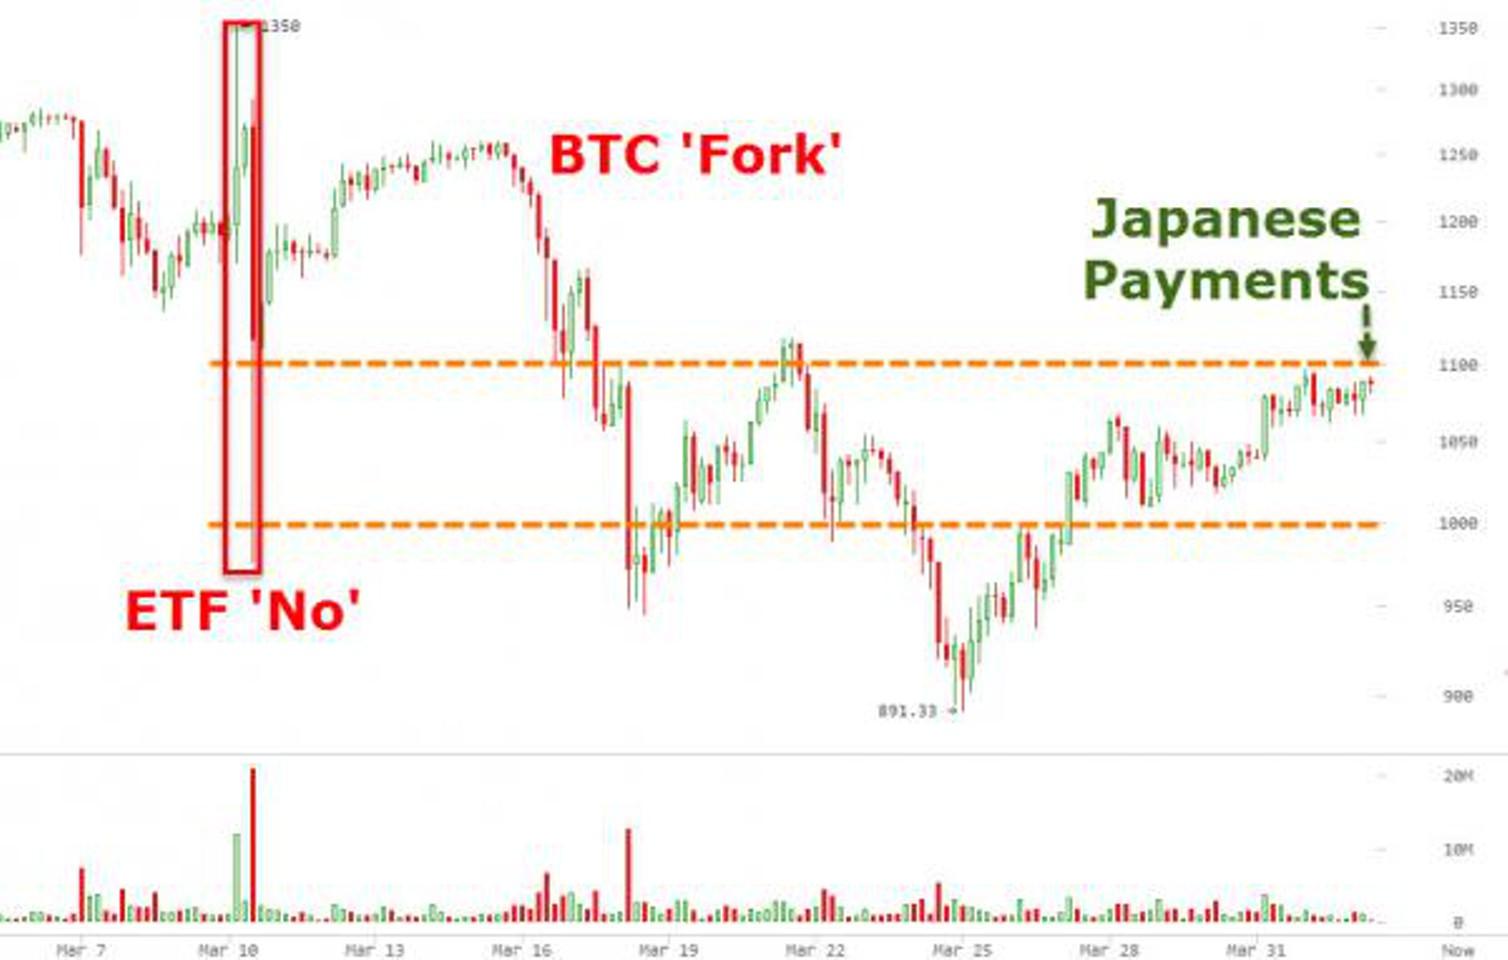 Биткоин вырос до $1100 на фоне признания в Японии